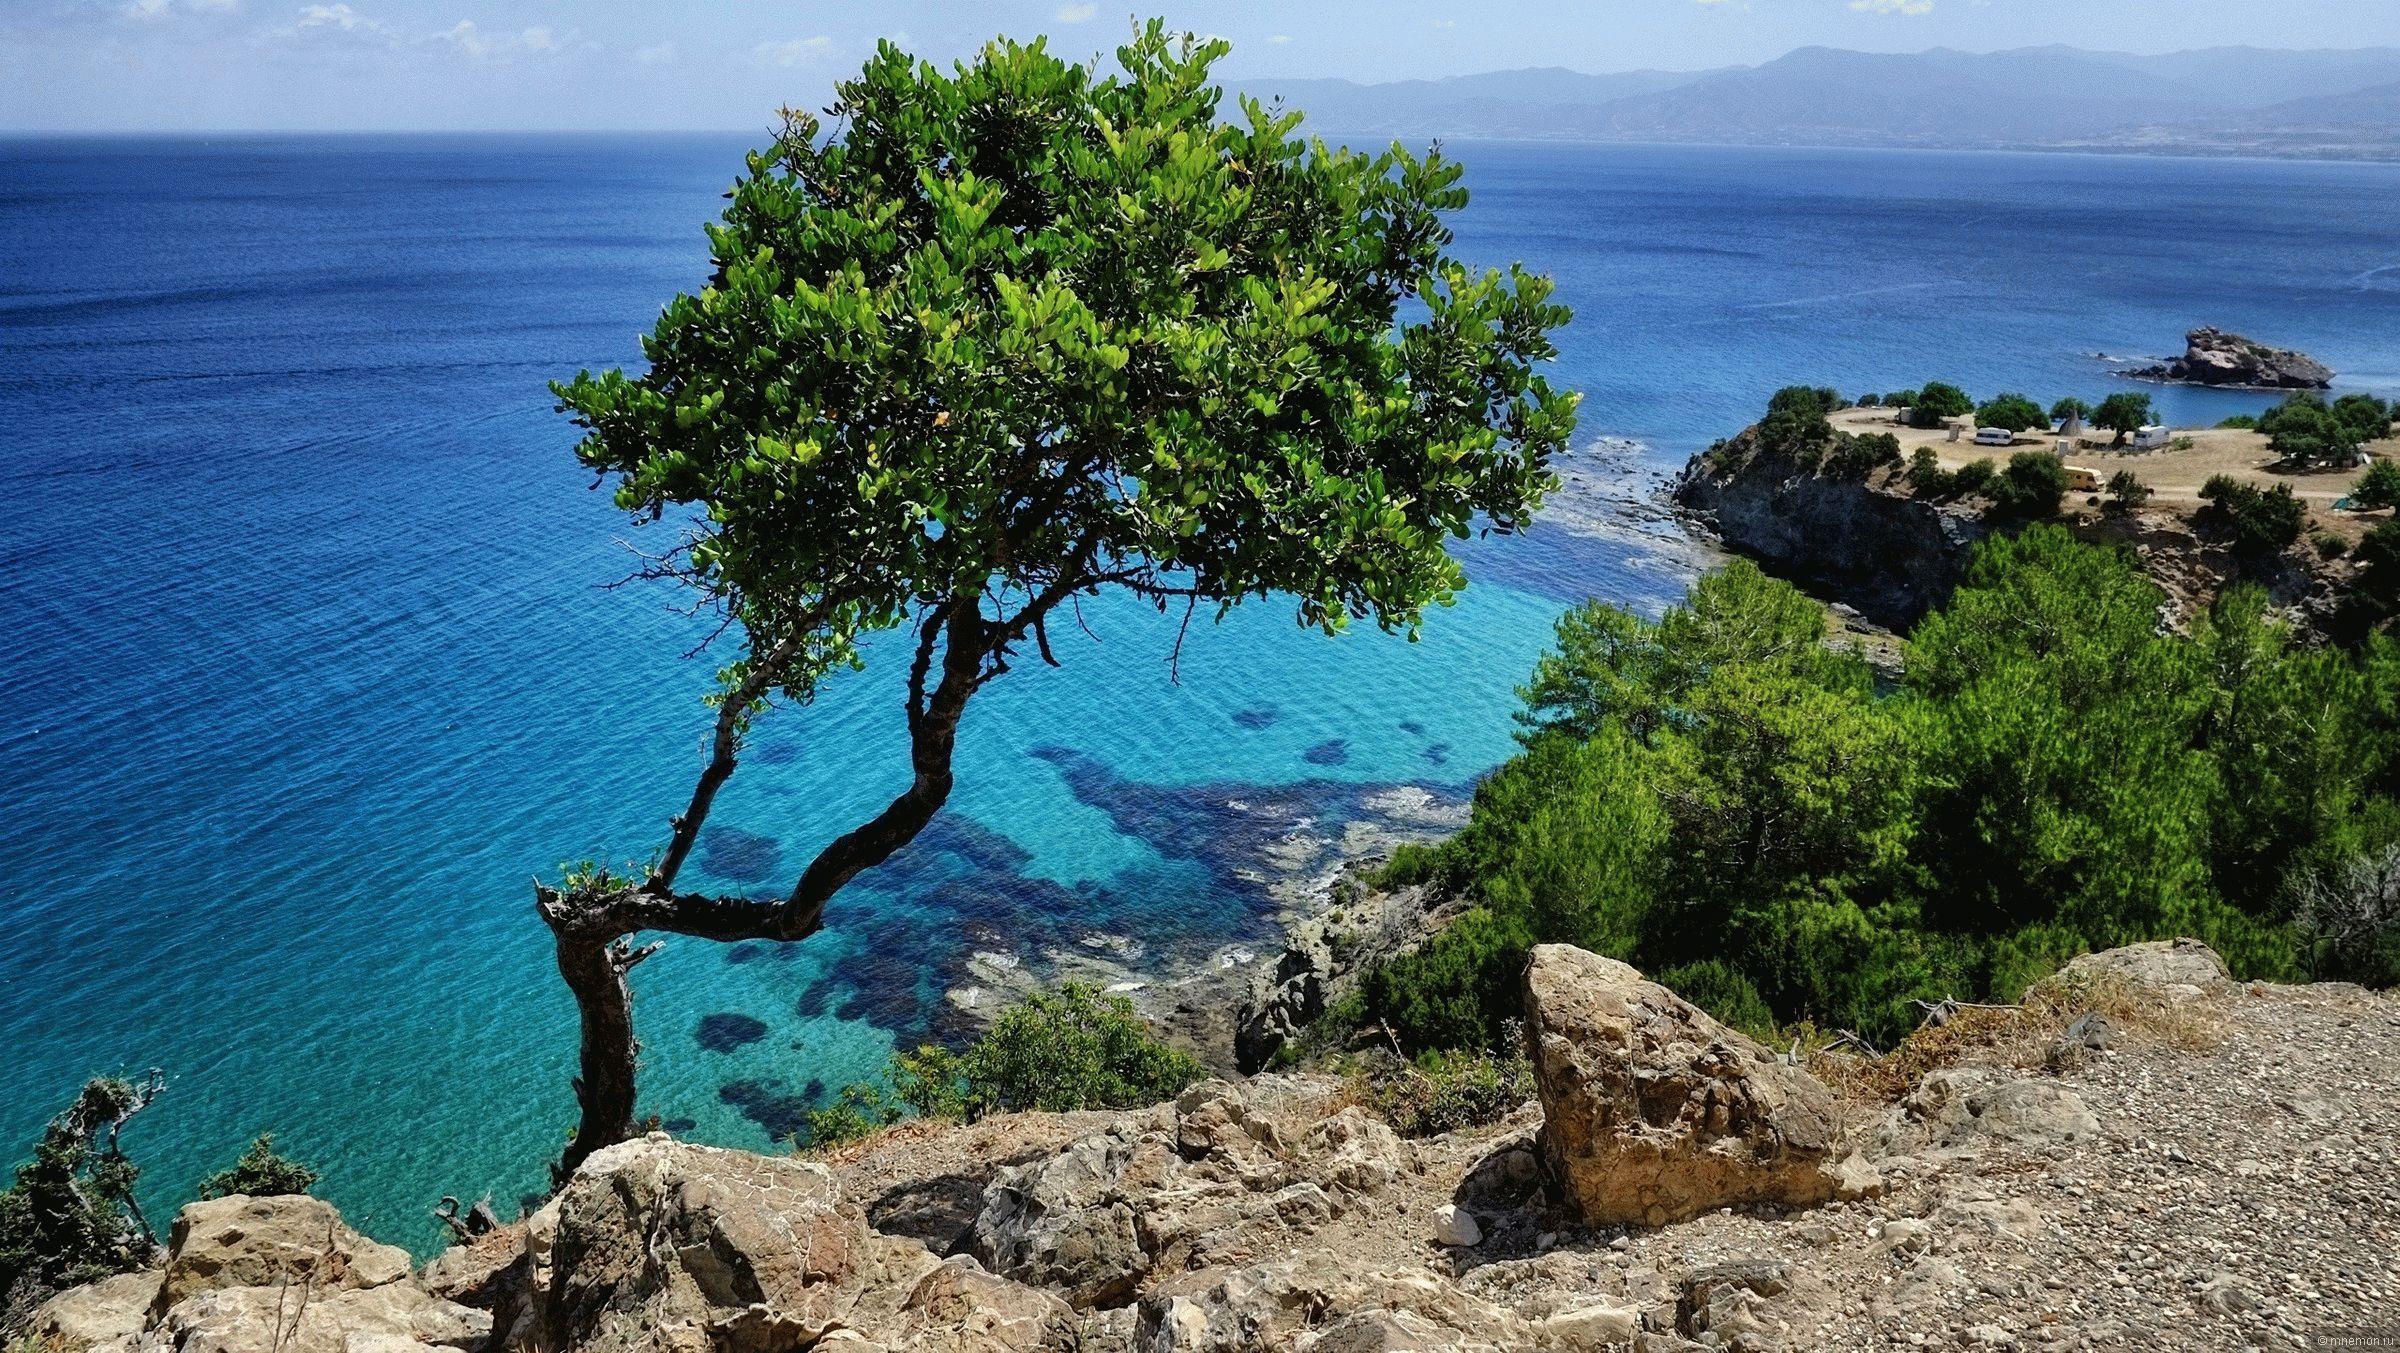 смотреть фото пейзажи острова кипр